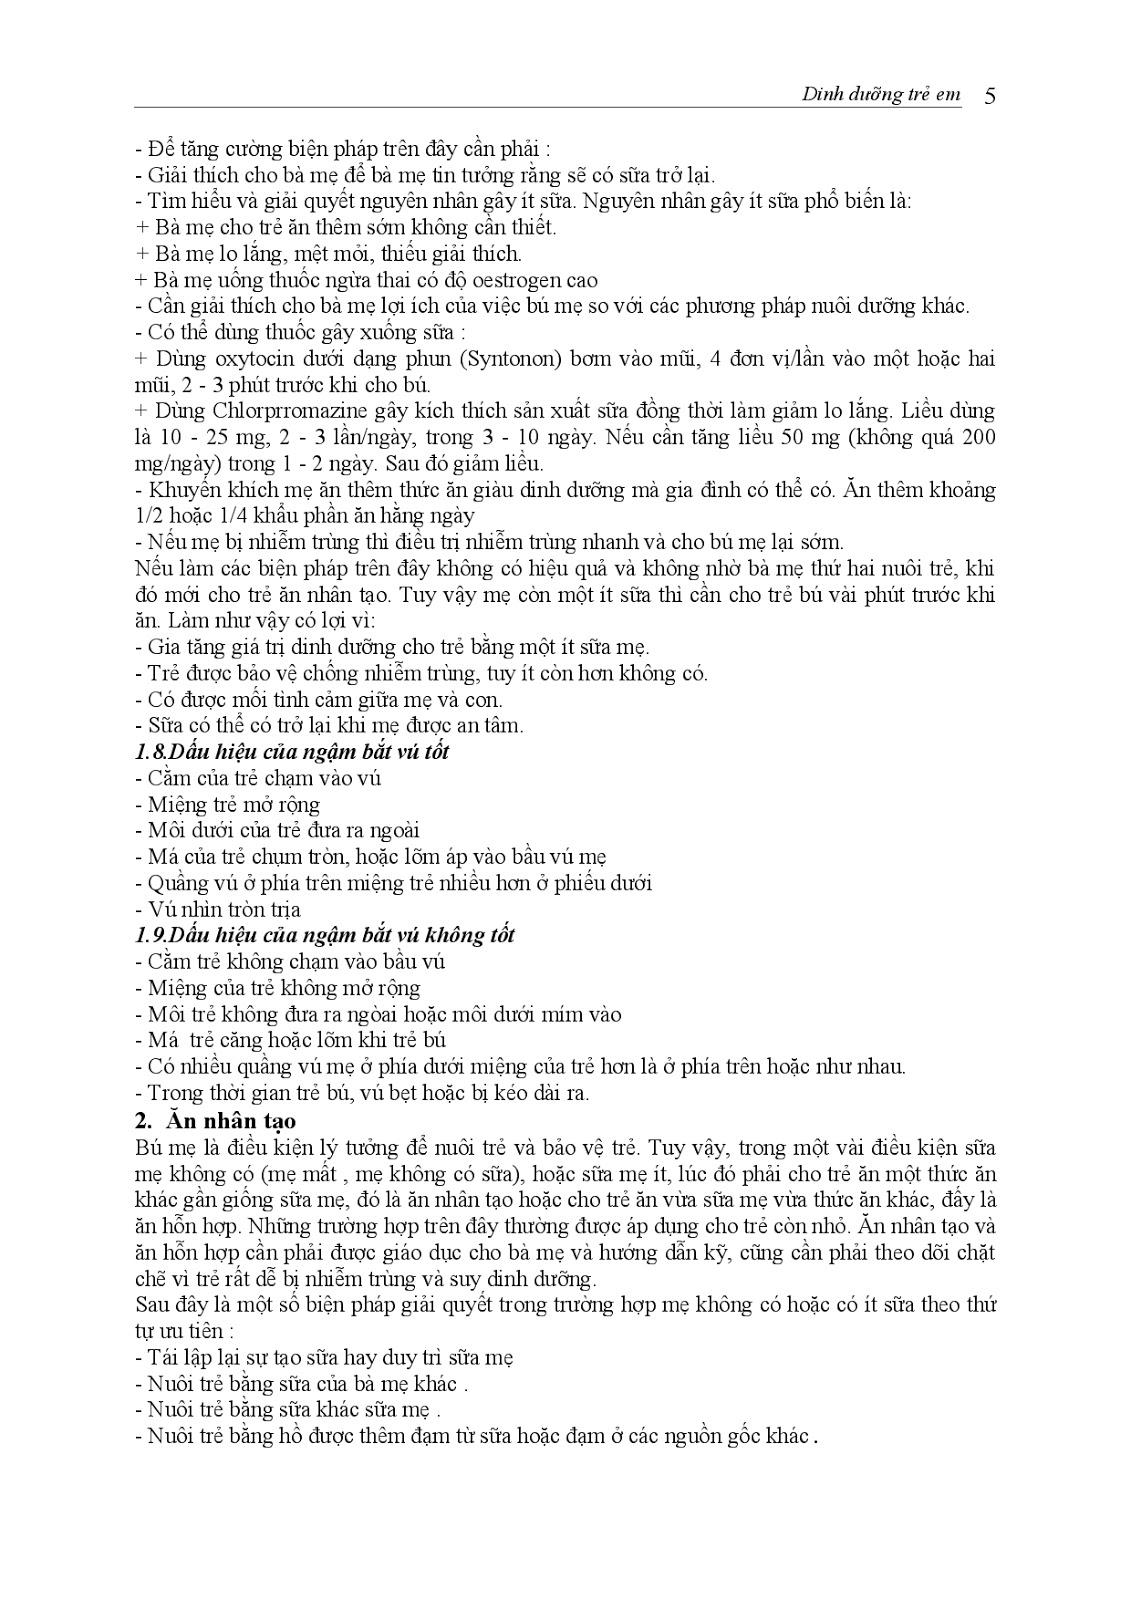 Trang 5 sach Bài giảng Nhi khoa I (Nhi khoa cơ sở - Nhi dinh dưỡng) - ĐH Y Huế